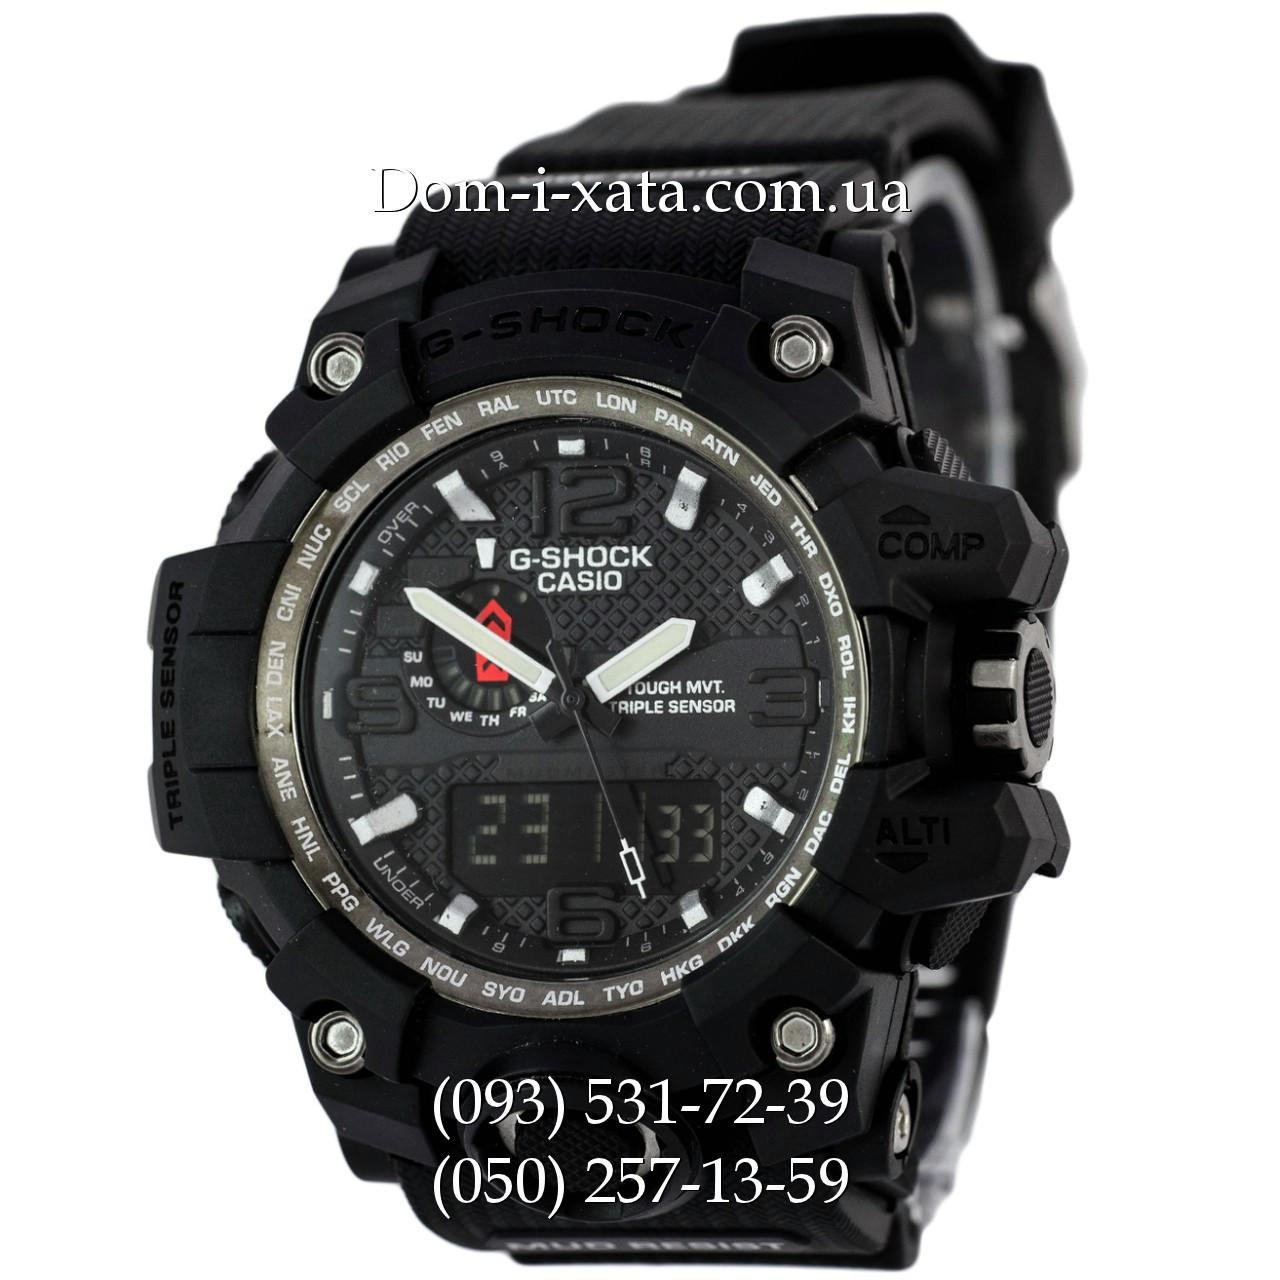 Электронные часы Casio G-Shock GWG 1000 Black, спортивные часы Джи Шок черные, реплика отличное качество!